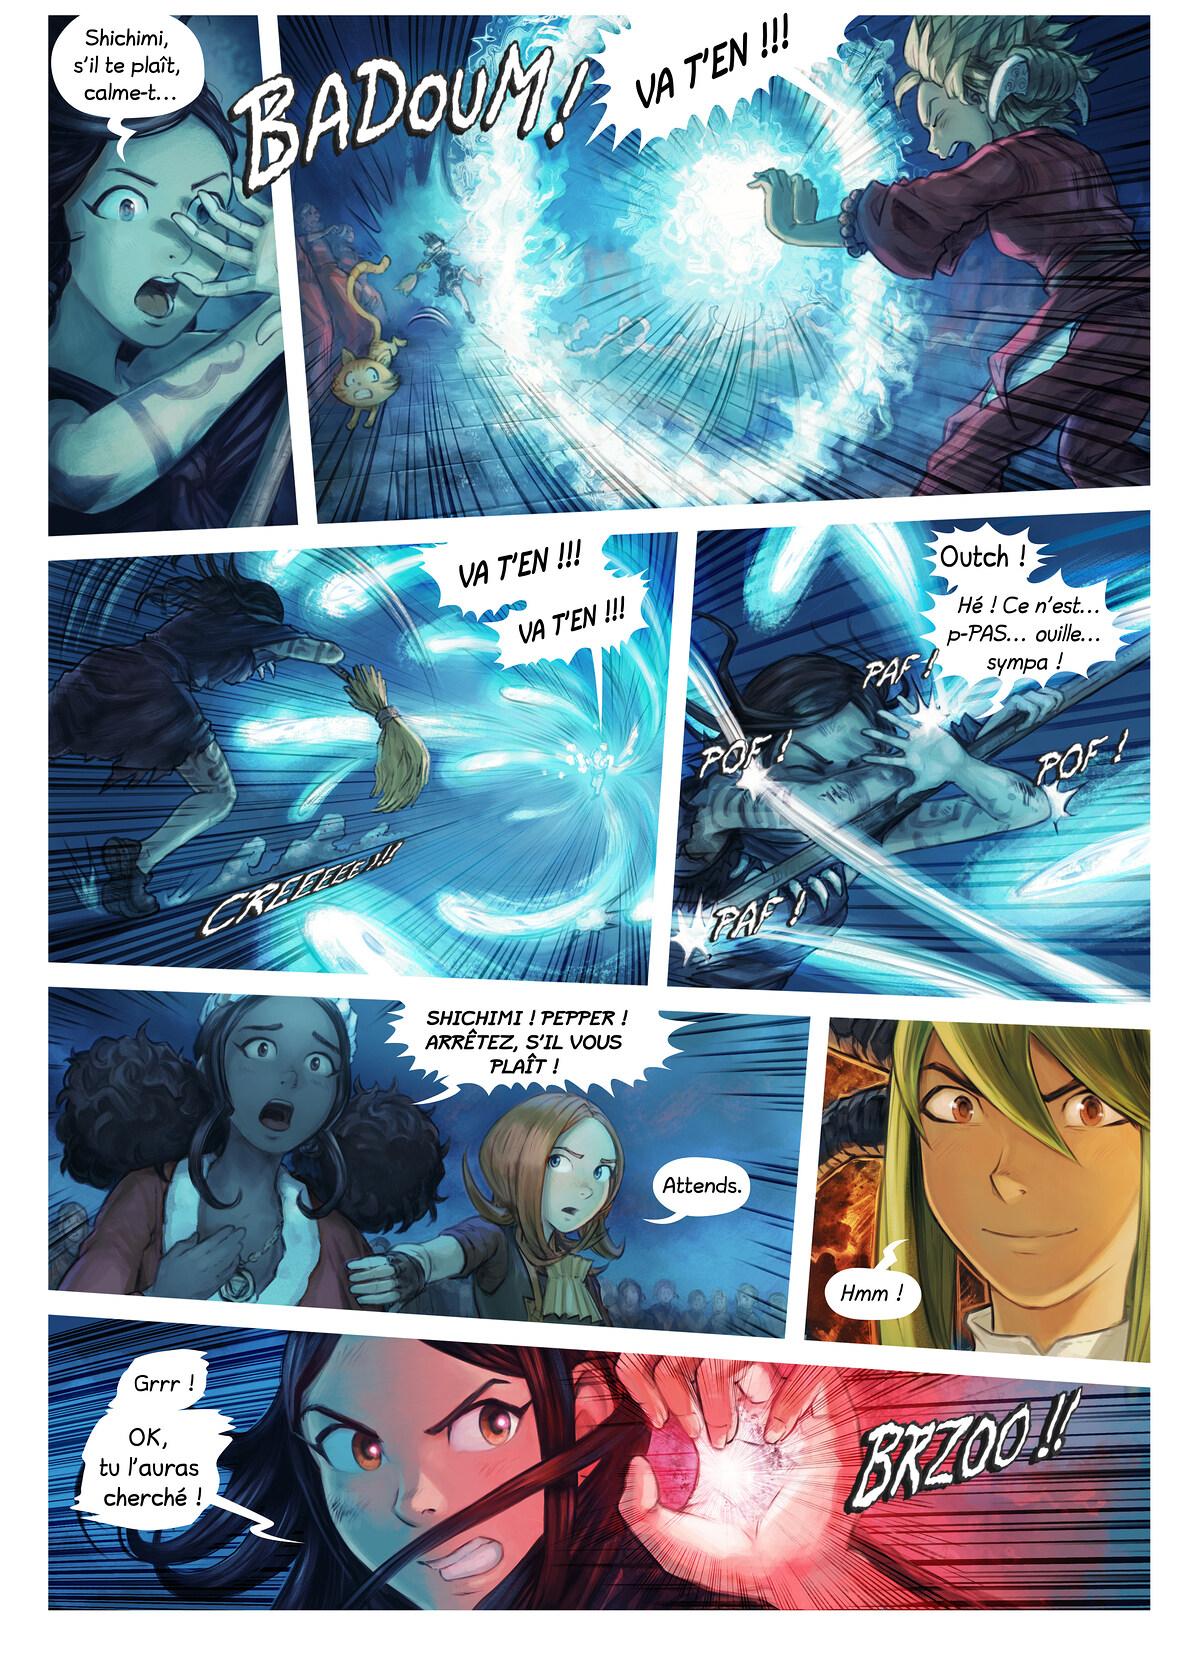 Épisode 34 : L'Adoubement de Shichimi, Page 6